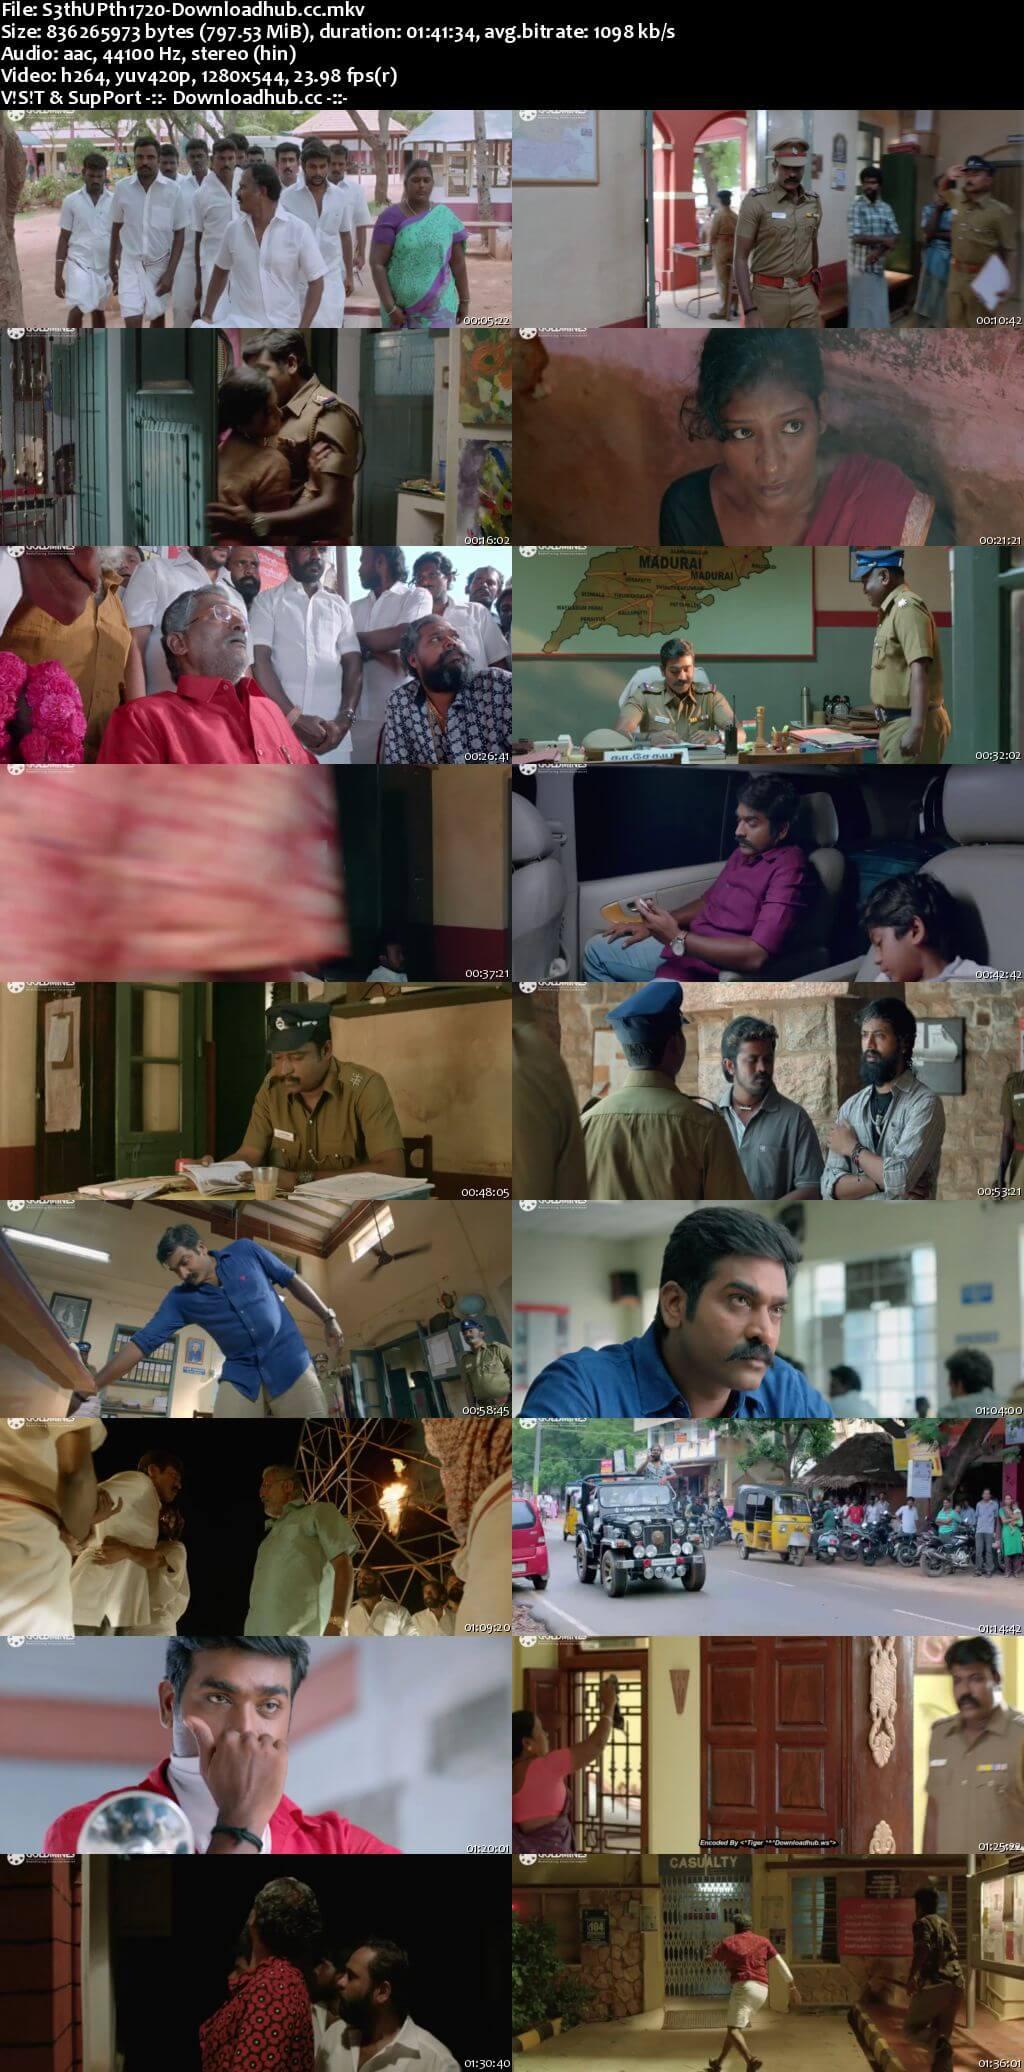 Sethupathi 2018 Hindi Dubbed 720p HDRip